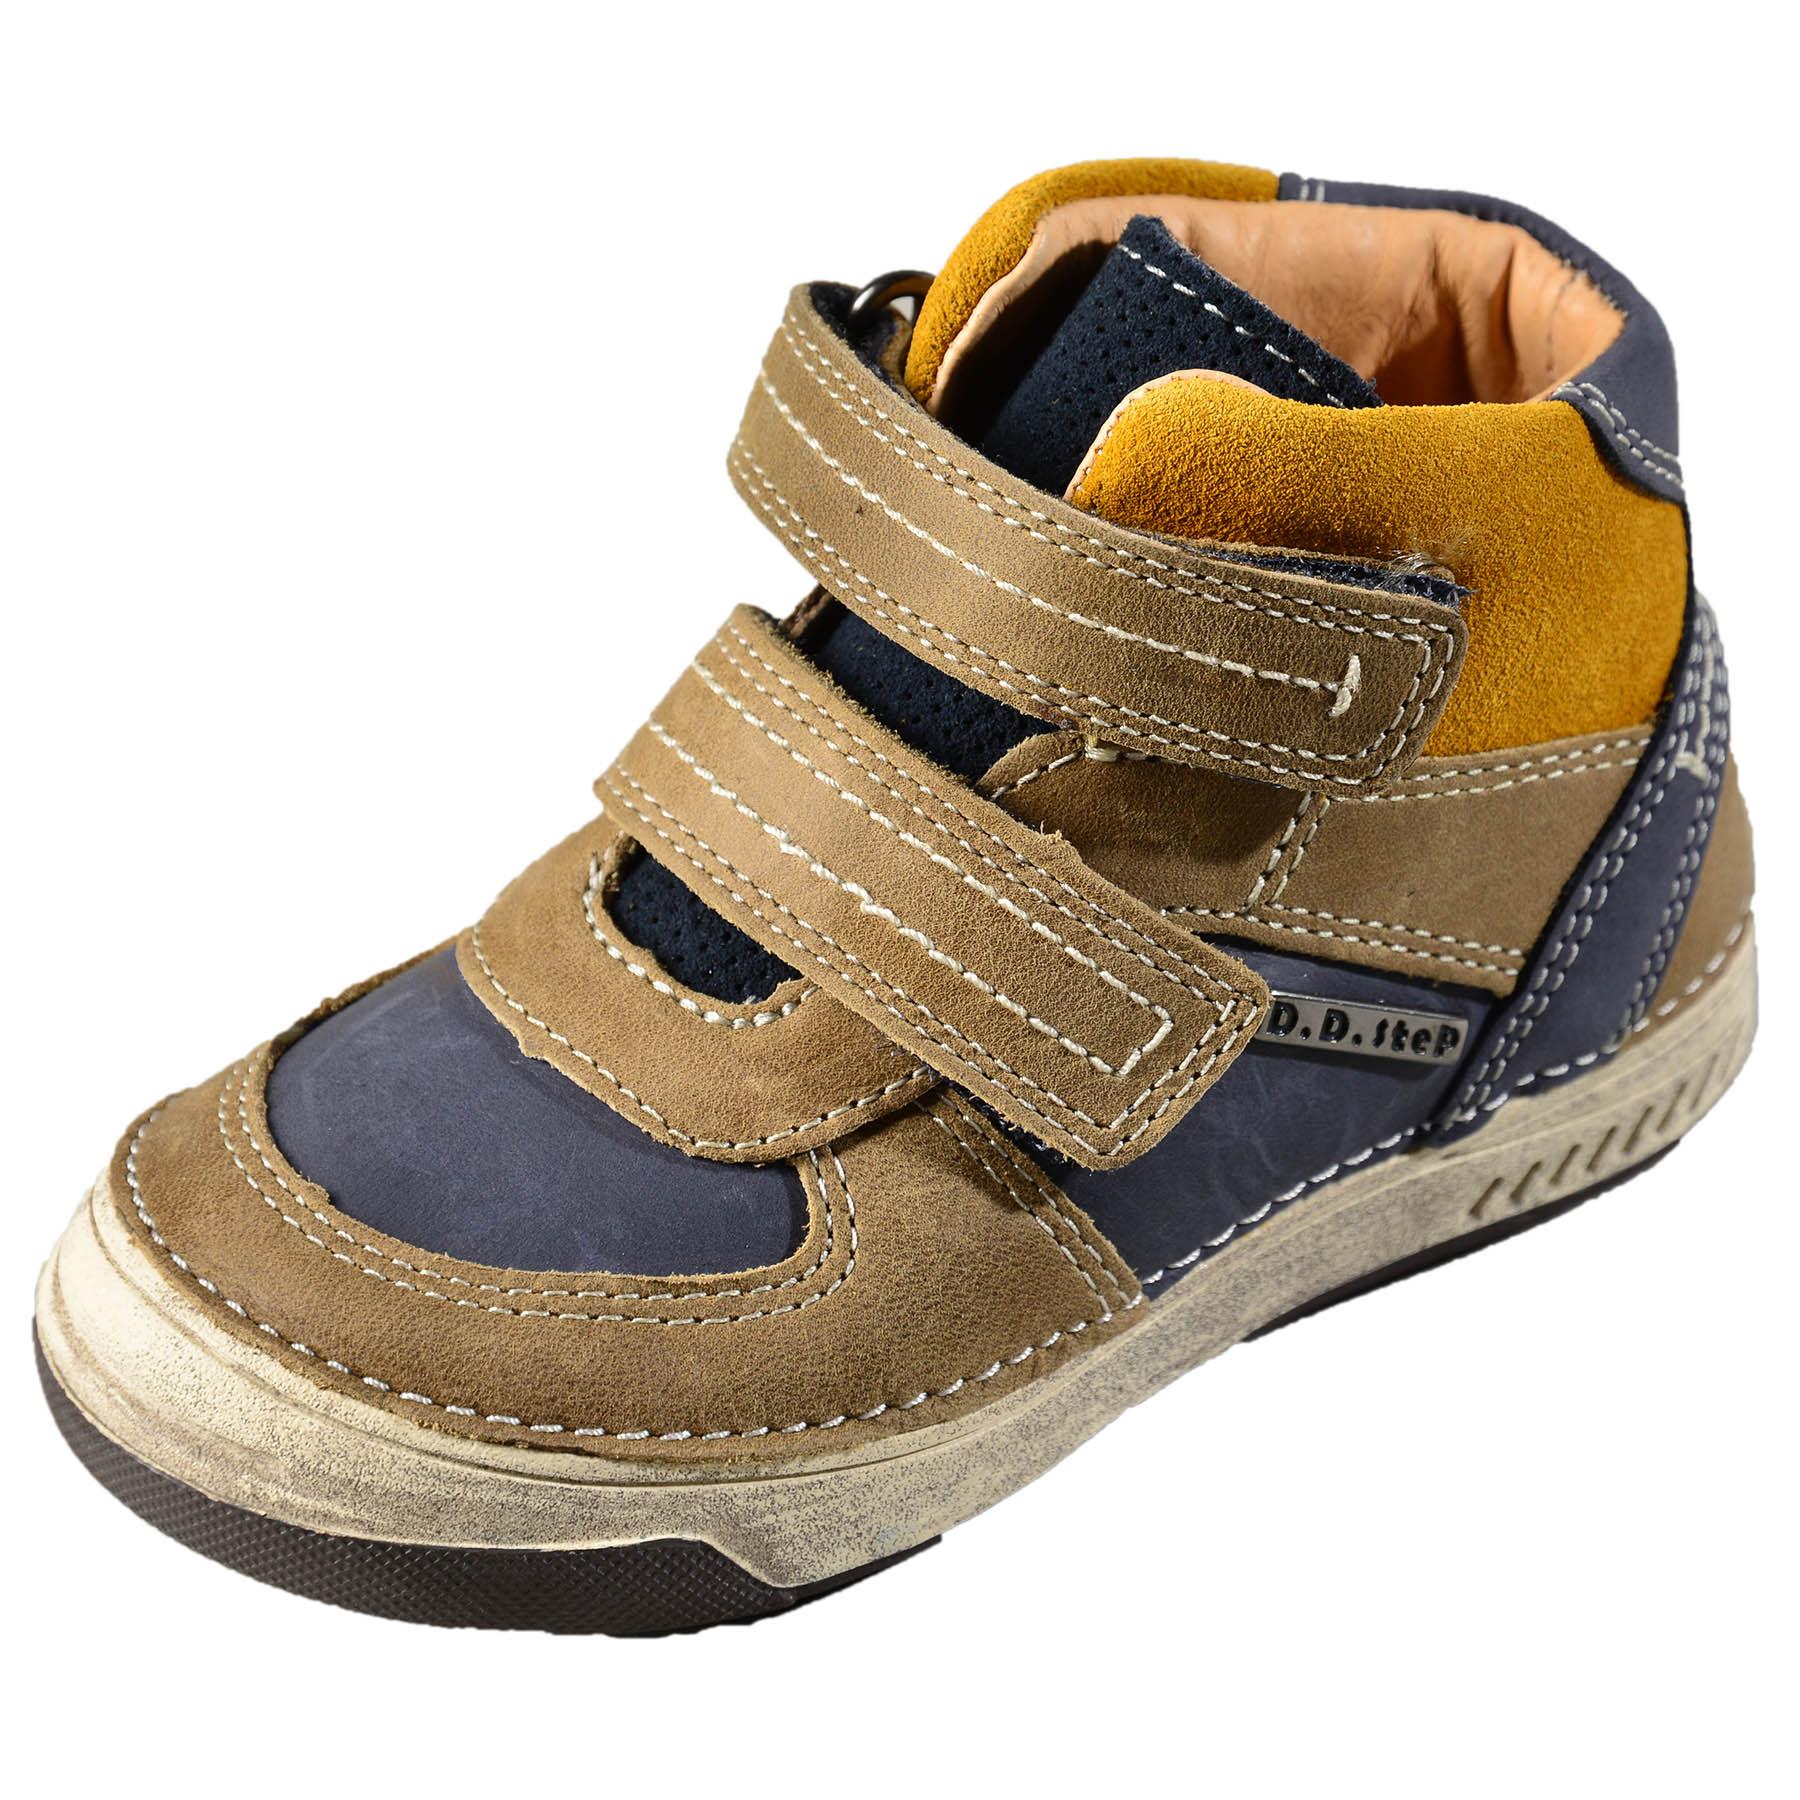 61ddfd83c Chlapčenské kožené prechodné topánky DDstep - 040-26L | Lollipopkids.sk